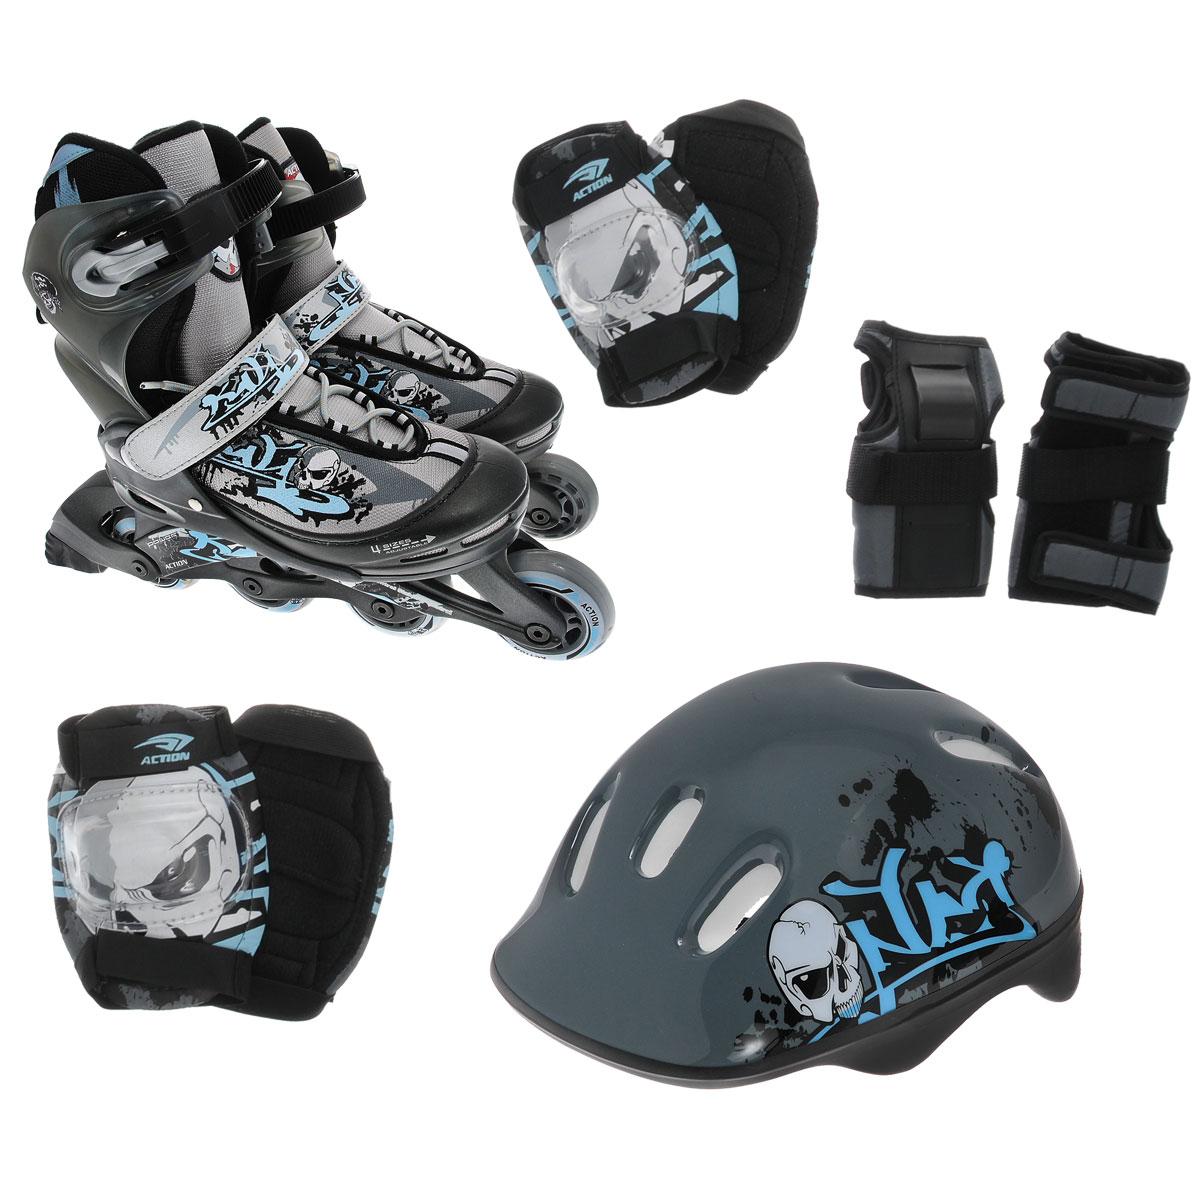 Комплект Action: коньки роликовые, шлем, защита, цвет: серый, голубой. PW-117С. Размер 30/33PW-117СРаздвижные роликовые коньки Action предназначены для активного отдыха.Коньки имеют высокоэластичные и износостойкие колеса жесткостью 82А. Мягкий комбинированный ботинок из воздухопроницаемого сетчатого материала, система шнуровки, бакля (жесткое крепление) и пяточный ремень обеспечивают надежную фиксацию ноги во время катания. Рычажная система регулировки размера. Ролики оснащены тормозом.Рама изготовлена из композита, а колеса с подшипниками АВЕС-5 - из ПВХ (64 мм). К роликам прилагается полный комплект защиты: шлем (из плотного пенополистирола с верхним покрытием из пластика и отверстиями для вентиляции головы), защита рук, коленей, локтей. Двухкомпонентная система с внутренними вставками поглощает энергию удара, снимает нагрузку с суставов и снижает риск получения травм. Все это упаковано в специальную сумку-переноску-рюкзак с прозрачными окном, боковым карманом и регулируемыми лямками. Роликовые коньки - это прекрасная возможность активного время провождения, отличный способ снять напряжение после трудового дня, пообщаться с друзьями, завести новые знакомства и повысить свою самооценку. При выборе роликовых коньков следует заботиться не о цвете, внешнем виде или фирме-производителе, а о том, чтобы вам и вашему ребенку было удобно и комфортно в выбранной модели, и чтобы нога надежно и плотно фиксировалась в коньке, но в то же время ее ничто не стягивало. Нельзя покупать ролики на пять размеров больше, но и нельзя покупать размер в размер. Ролики должны быть на один, максимум два размера больше ноги. УВАЖАЕМЫЕ КЛИЕНТЫ!Обращаем ваше внимание на различие в количестве колес в зависимости от размеров роликов: ролики размером 26/29 поставляются с 3 колесами, размерами 30/33 и 34/37 - с 4.